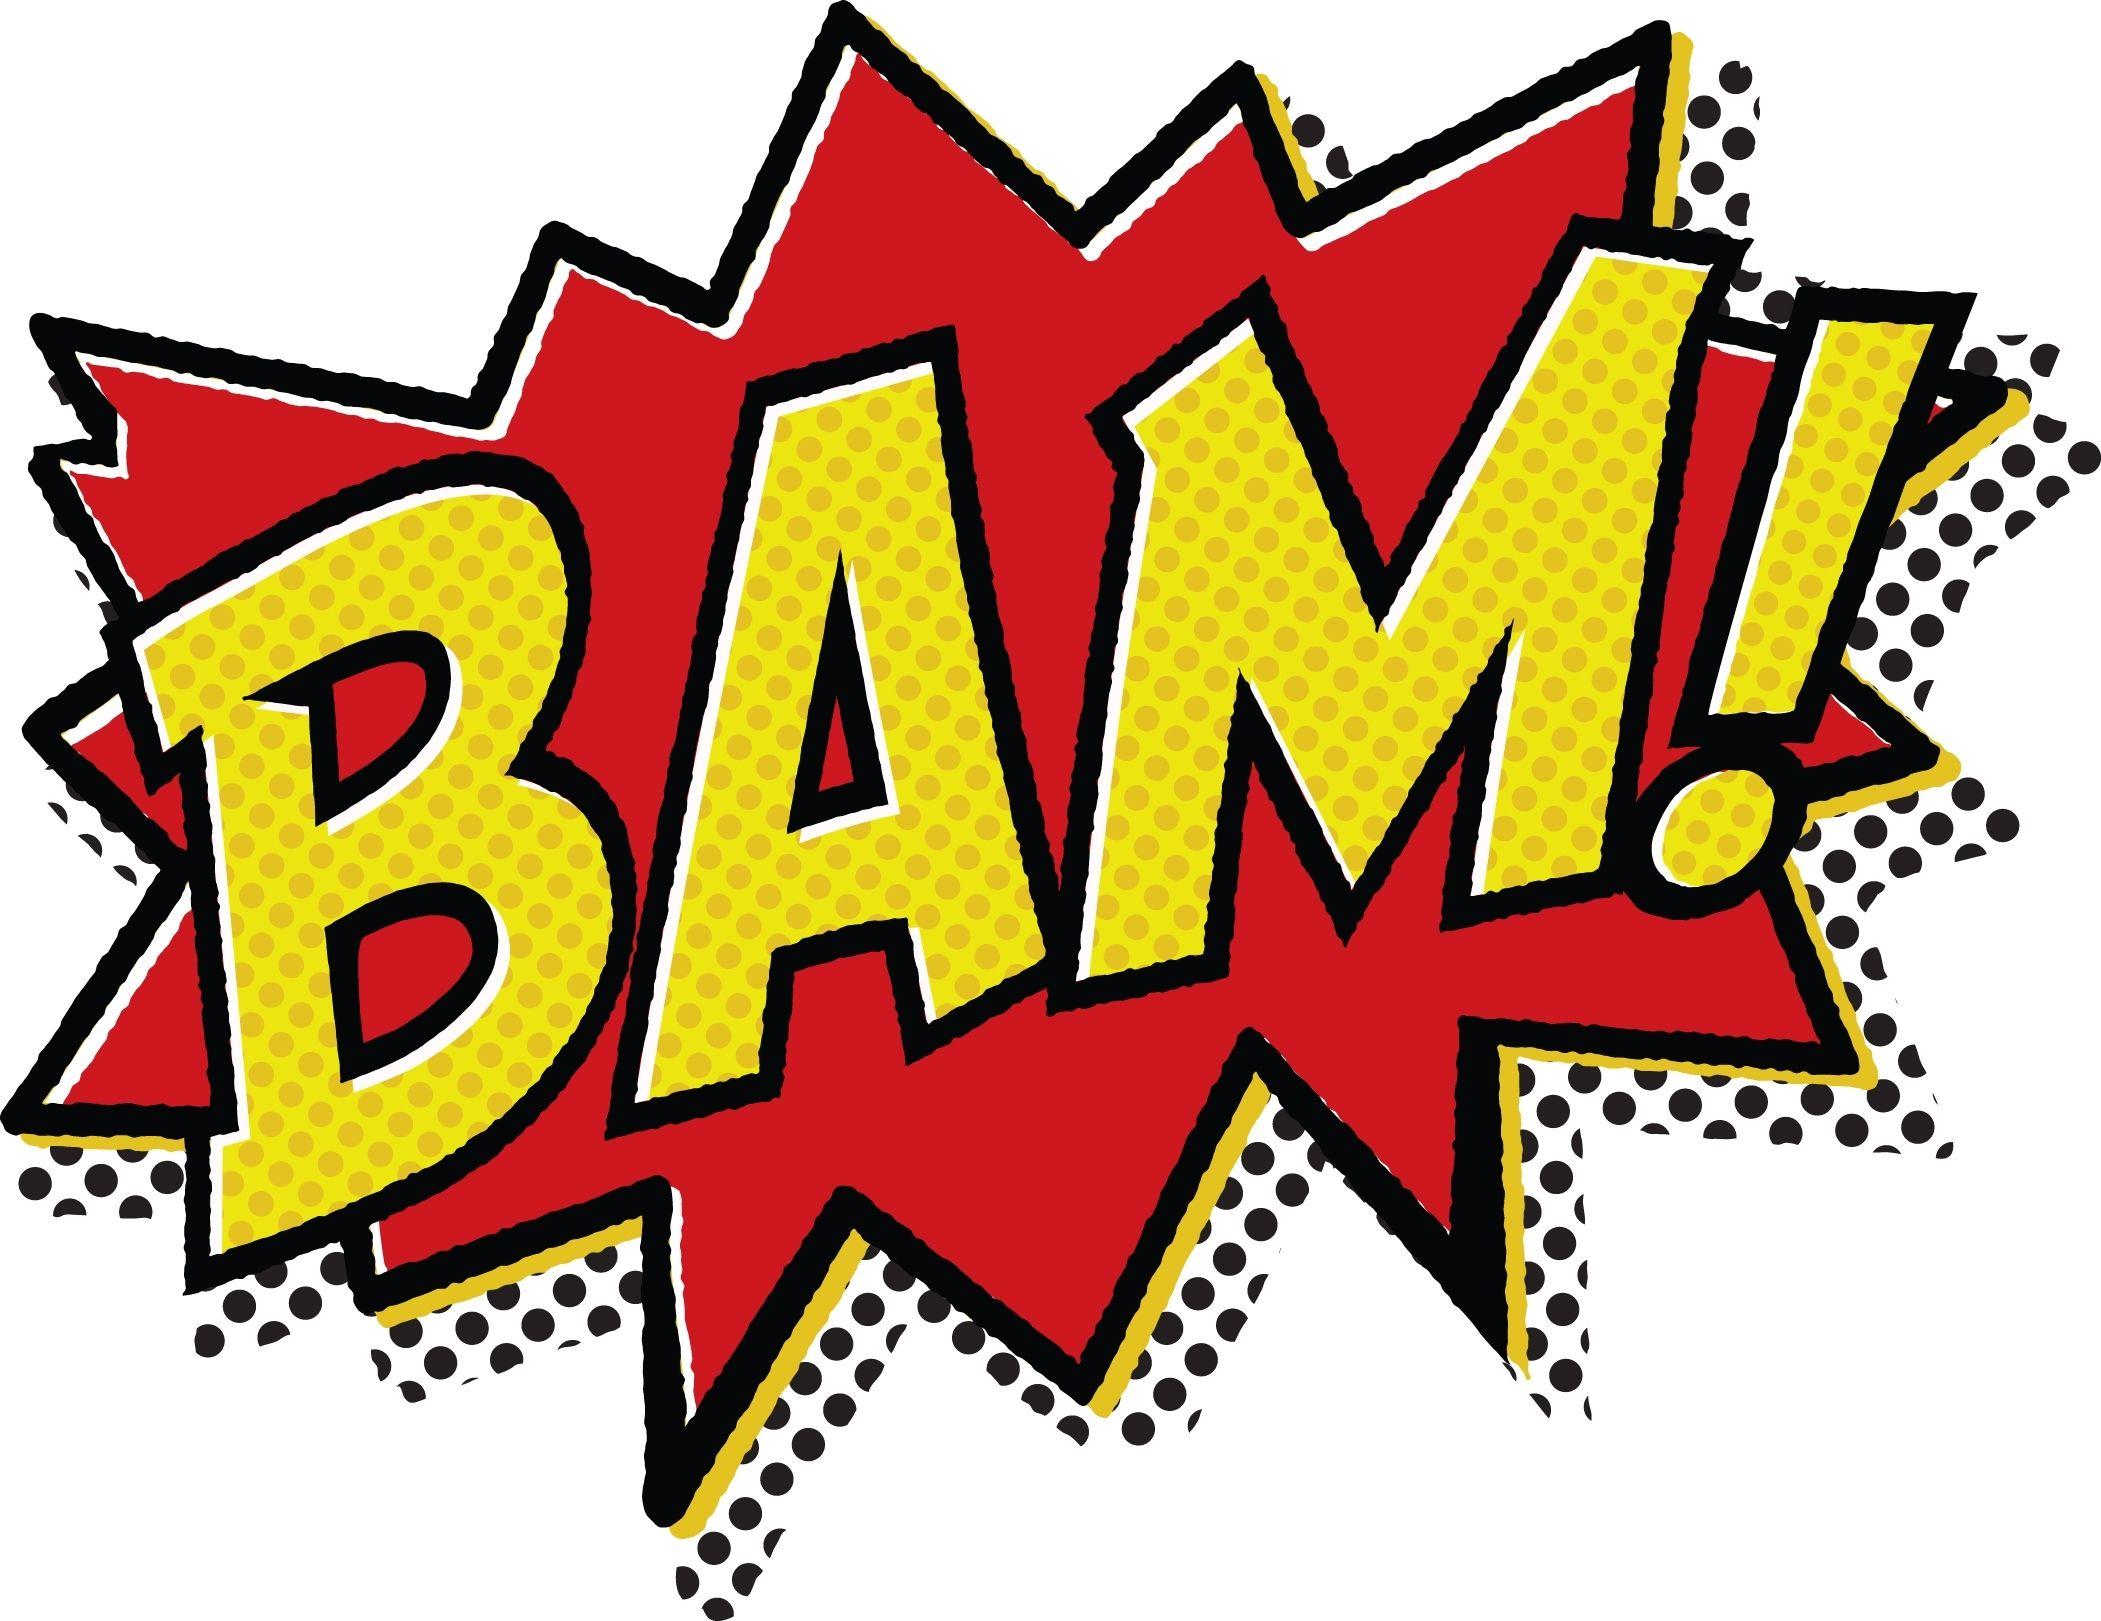 Boom clipart bam. Comic book pop art